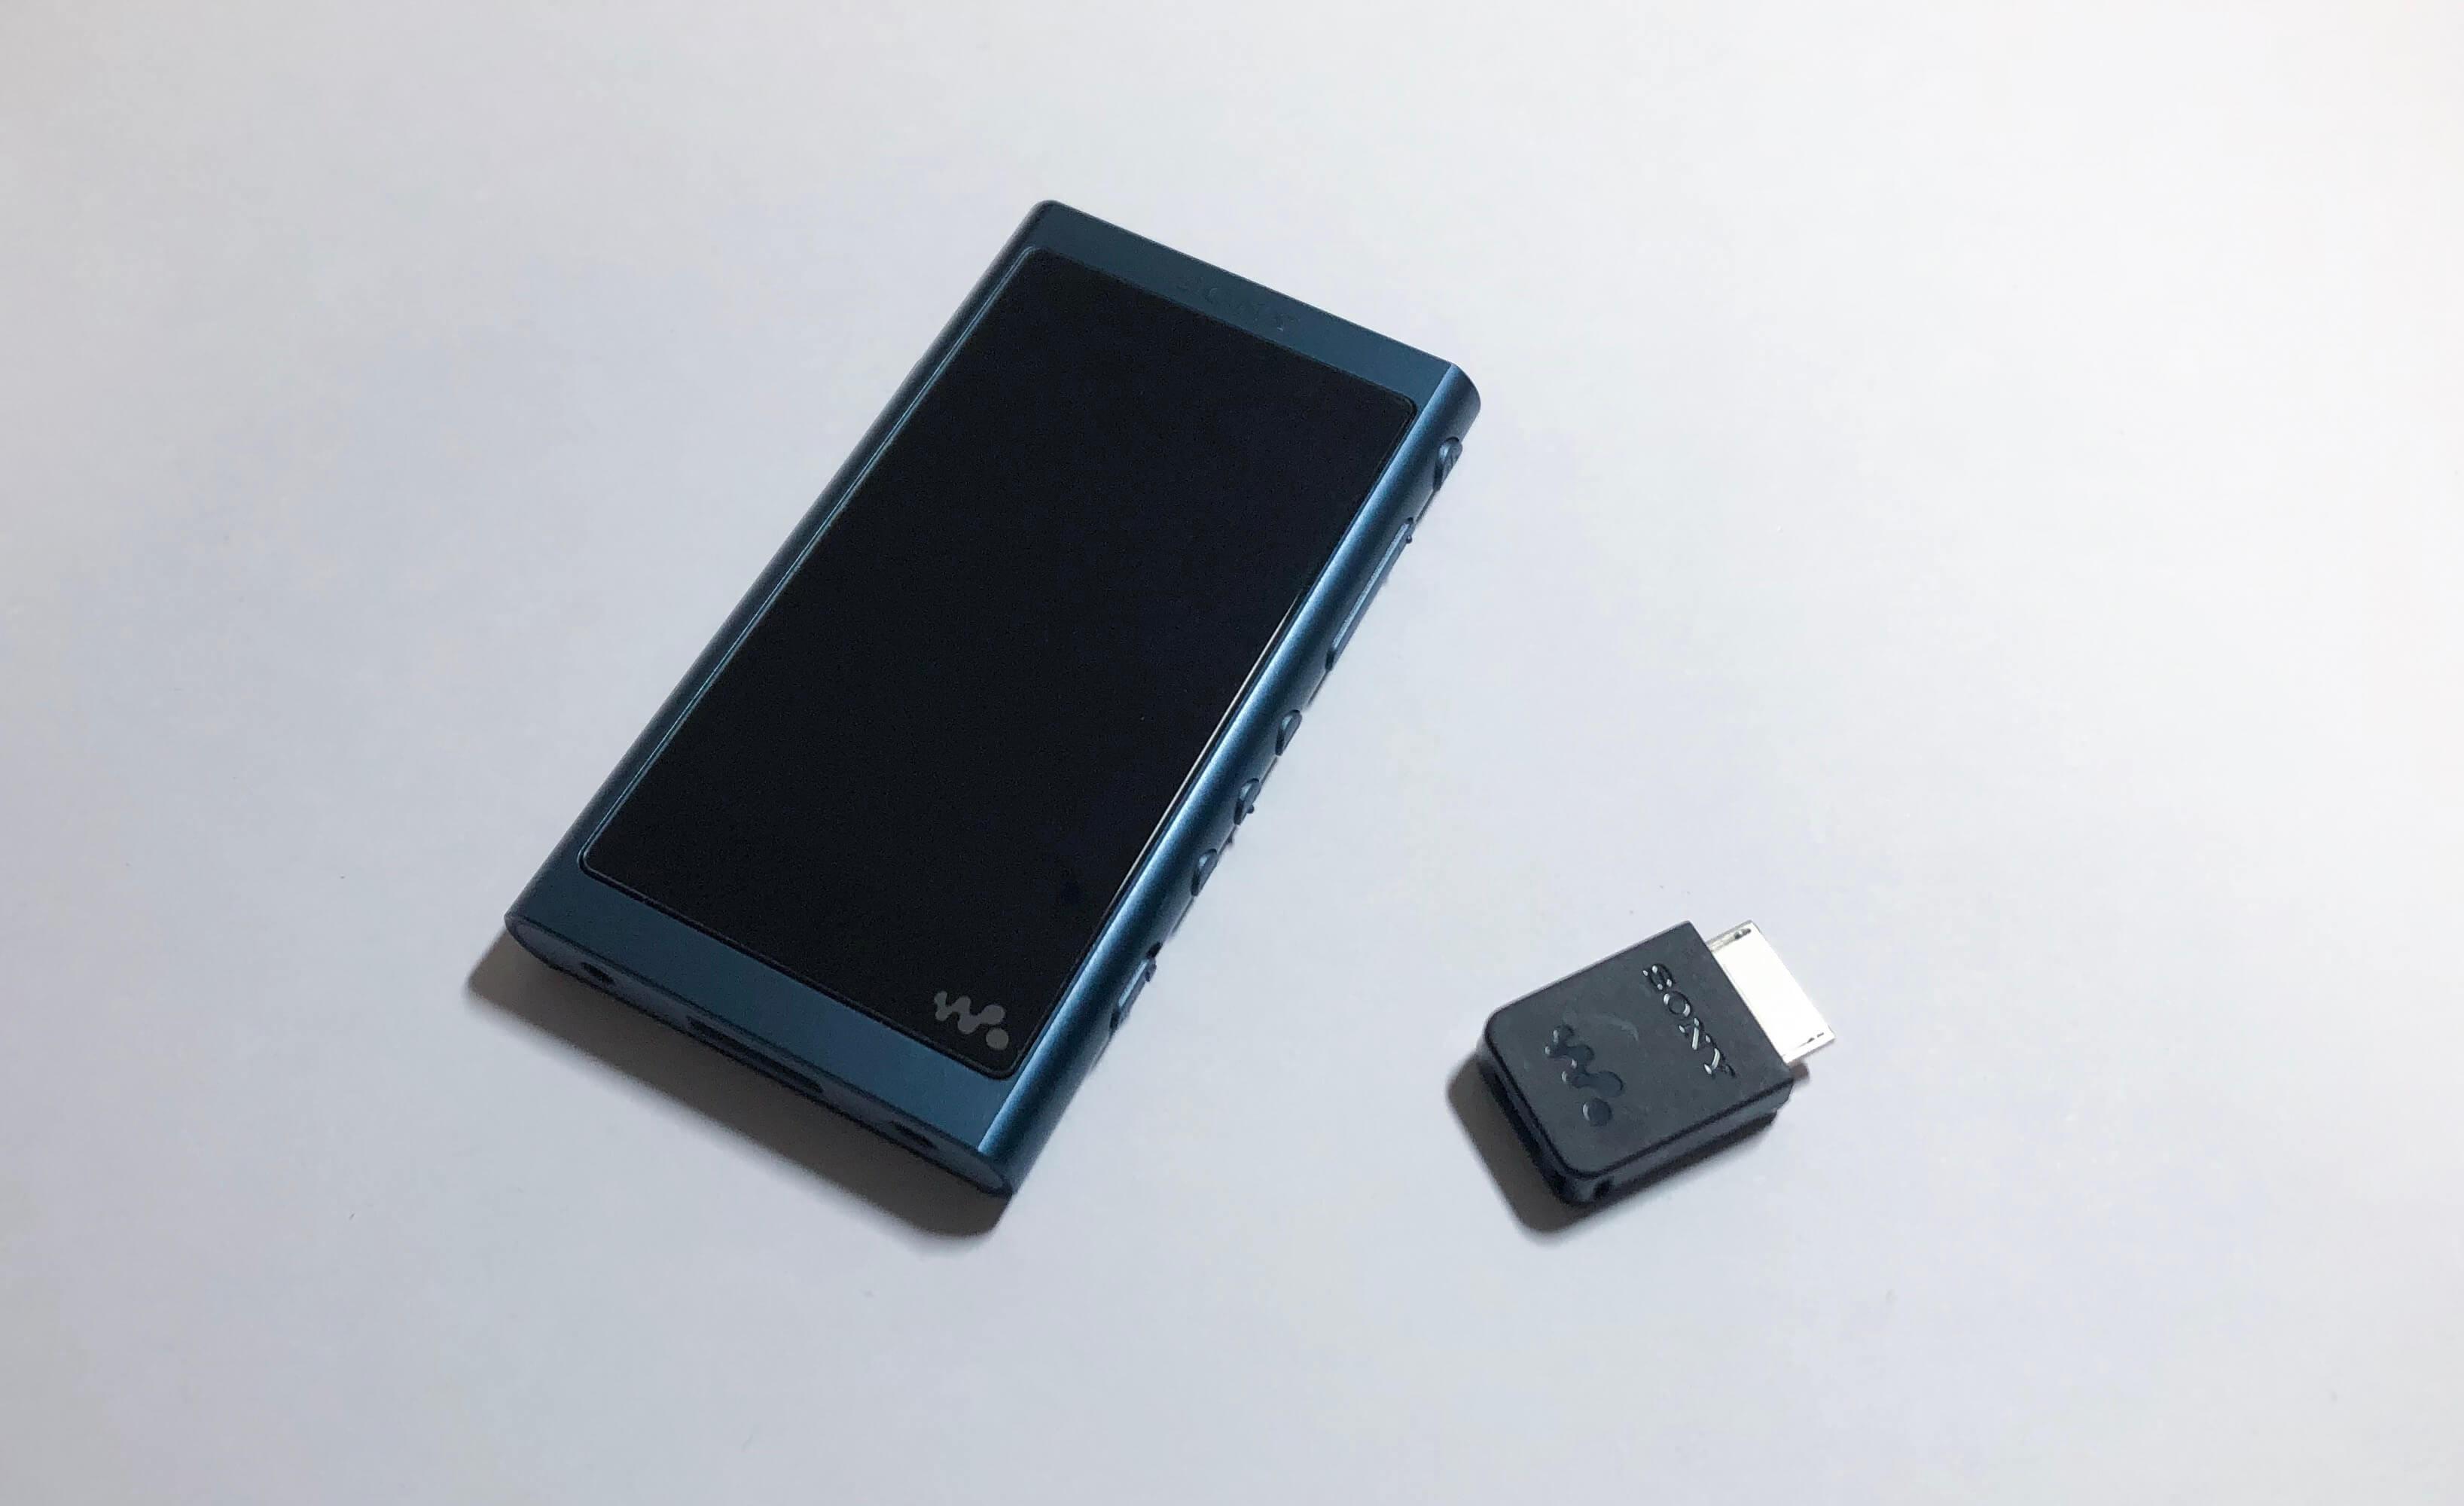 ウォークマンユーザーなら持っておきたいmicro USBでウォークマンを充電できるアダプタ